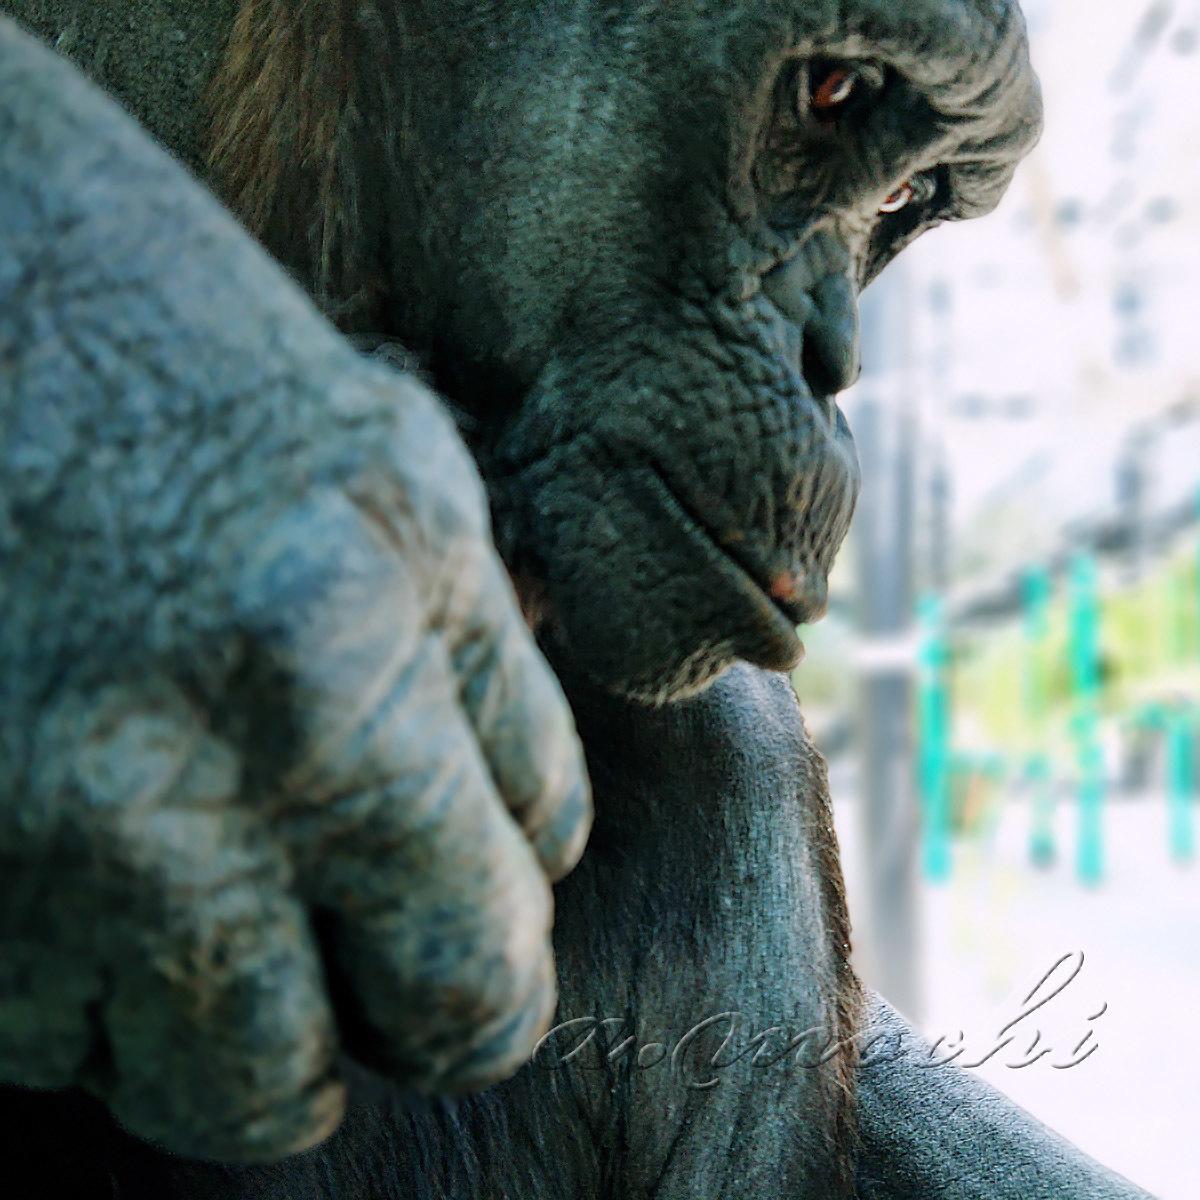 chimpanzee_190402.jpg